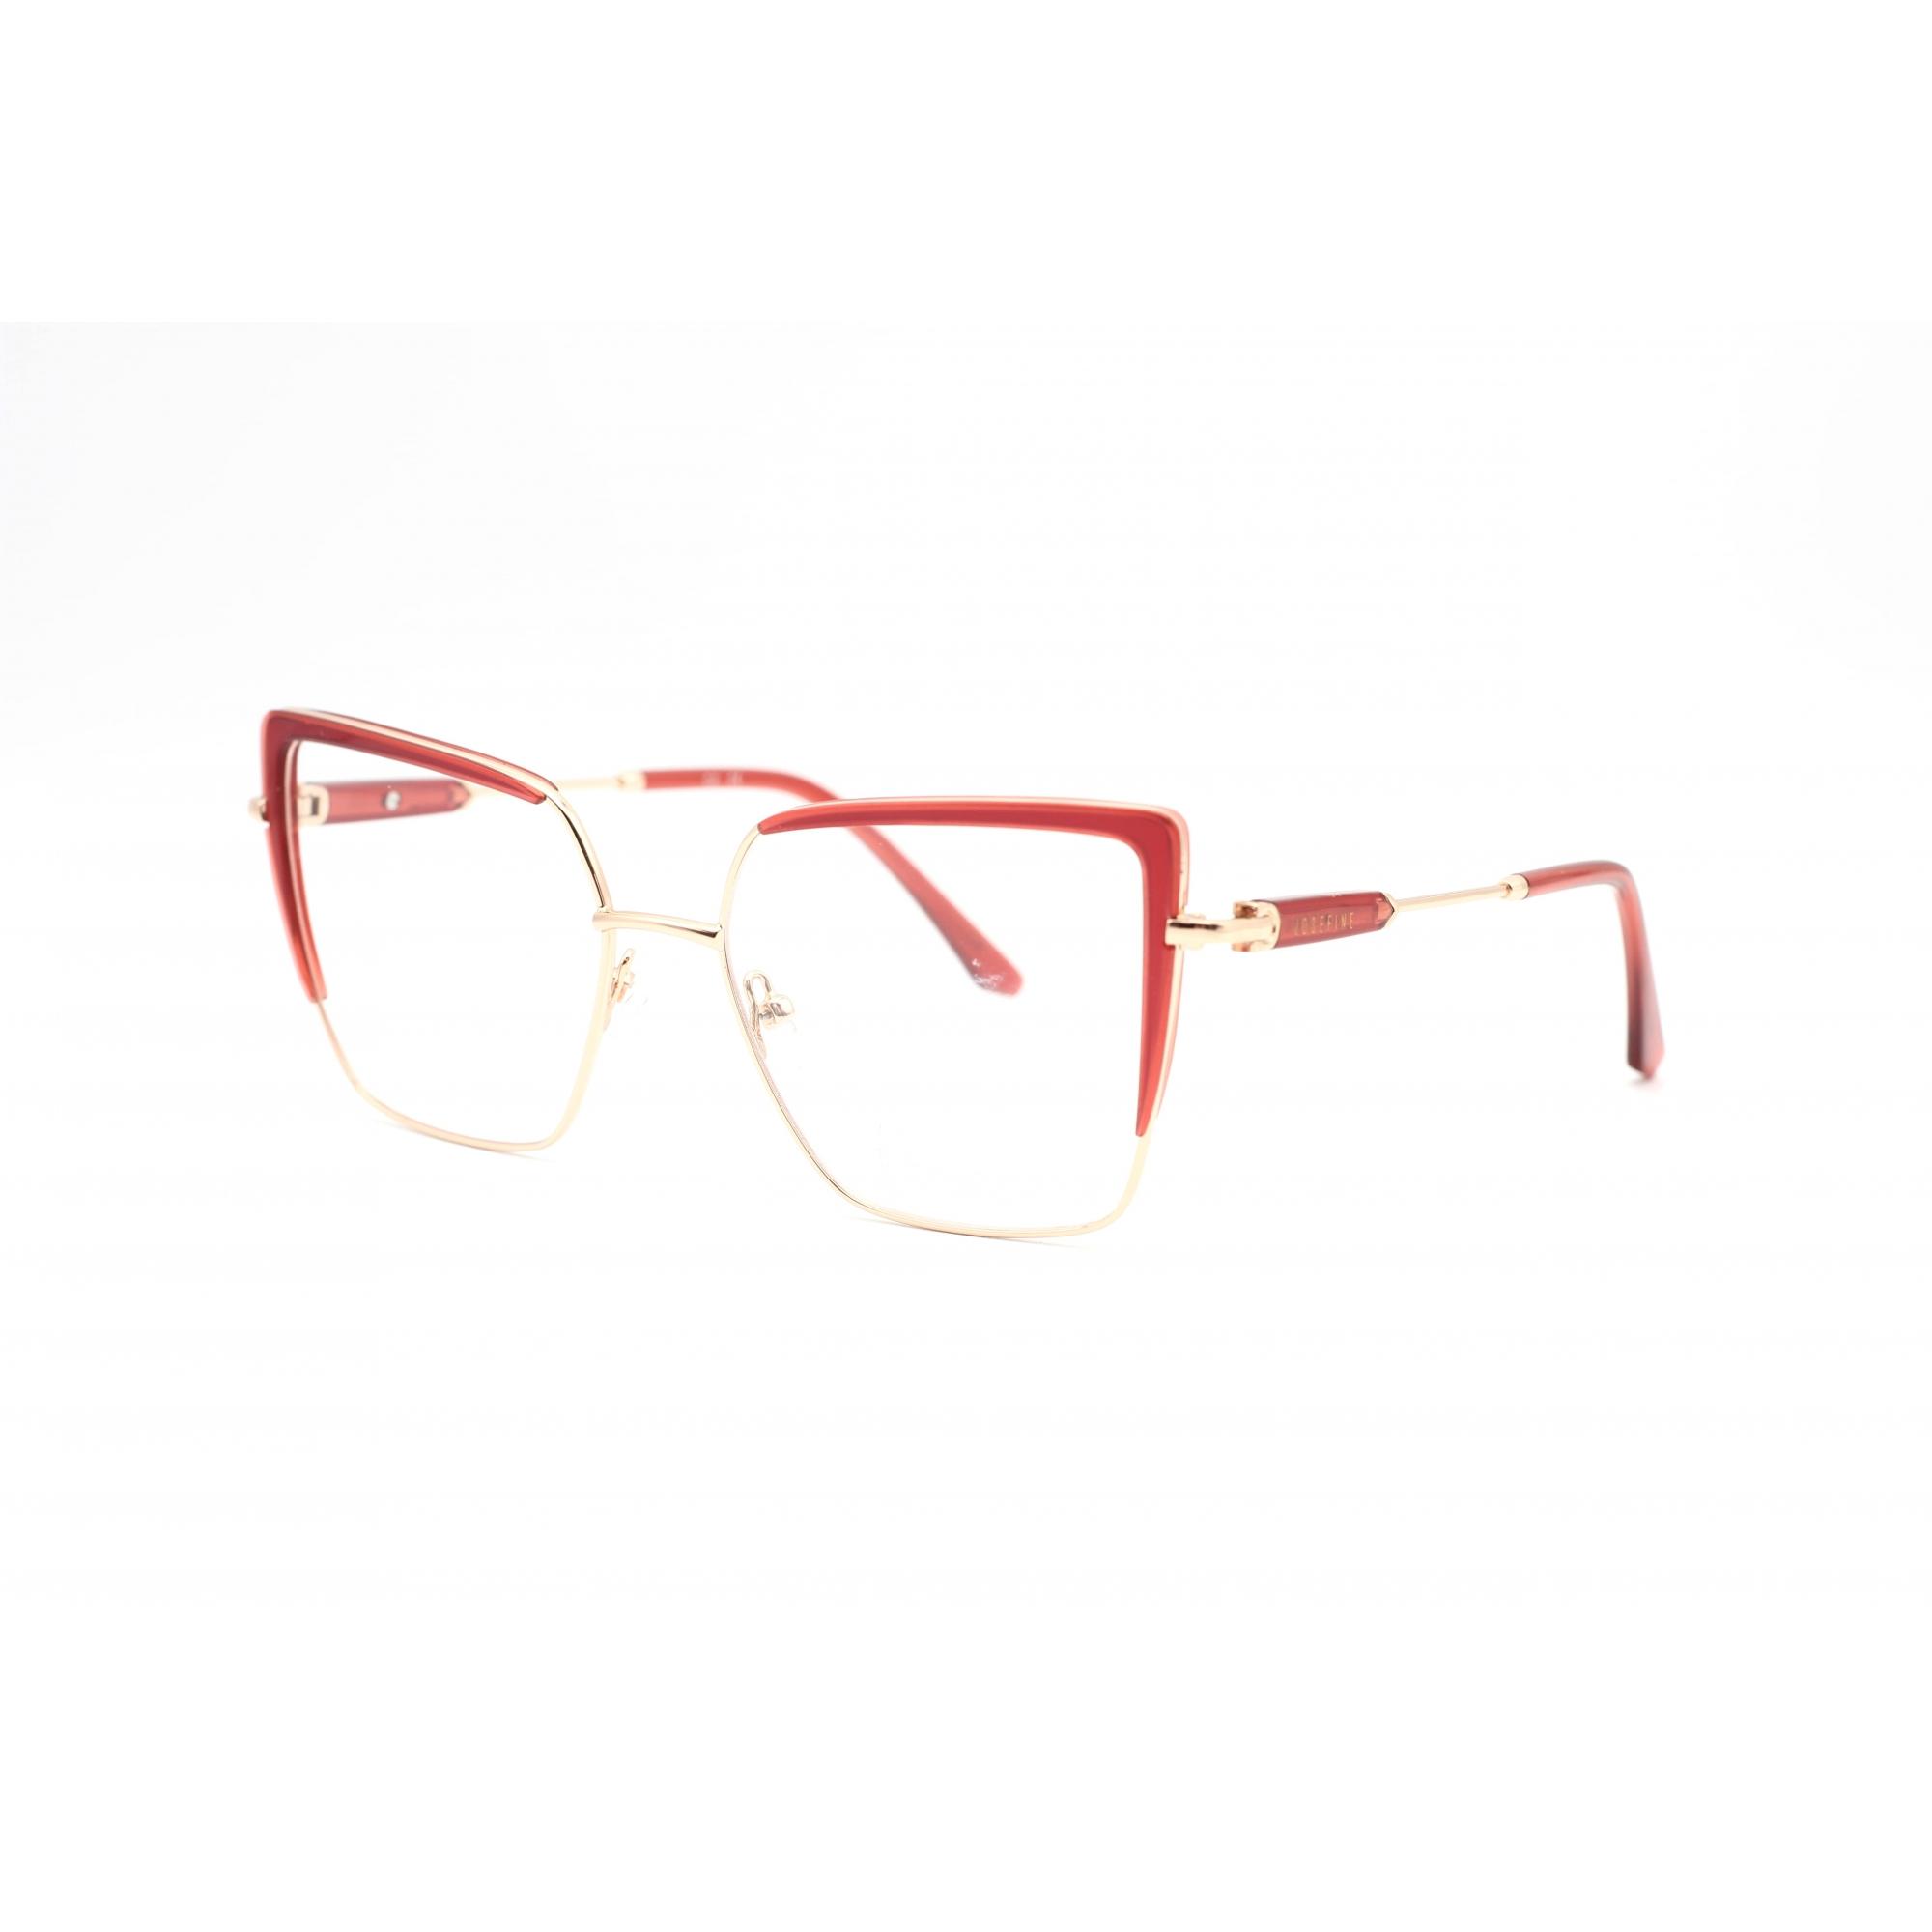 Armação para óculos marca Josefine MJ4612 C2 54